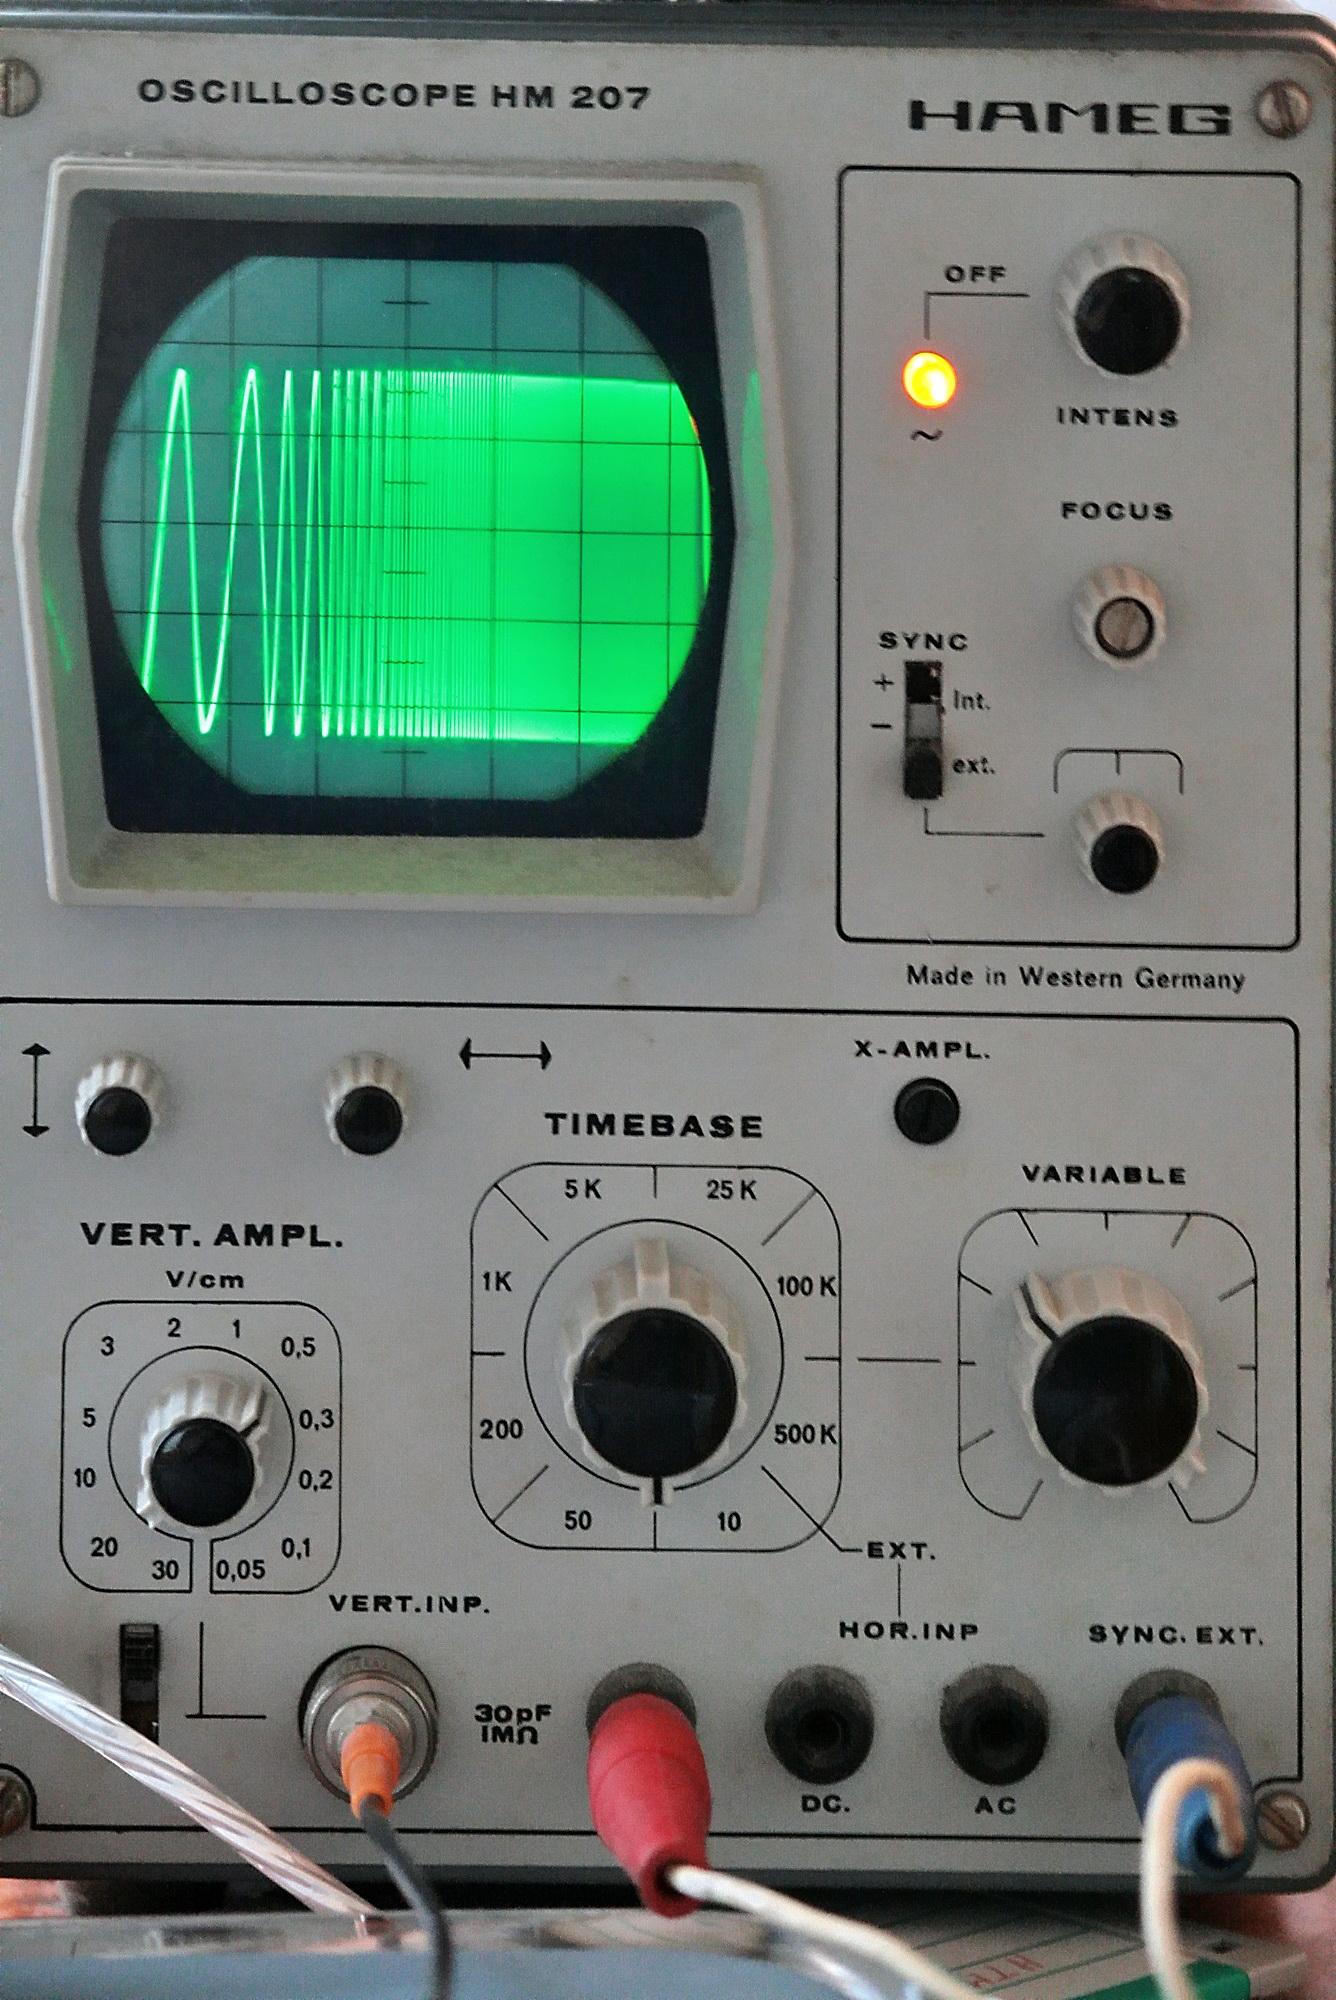 Forum Hameg Hm207 Help Saltato Lasse X Su Elettronica Grixit Come Leggere I Circuiti Elettrici A Questo Punto Cosa Appare Sullo Schermo